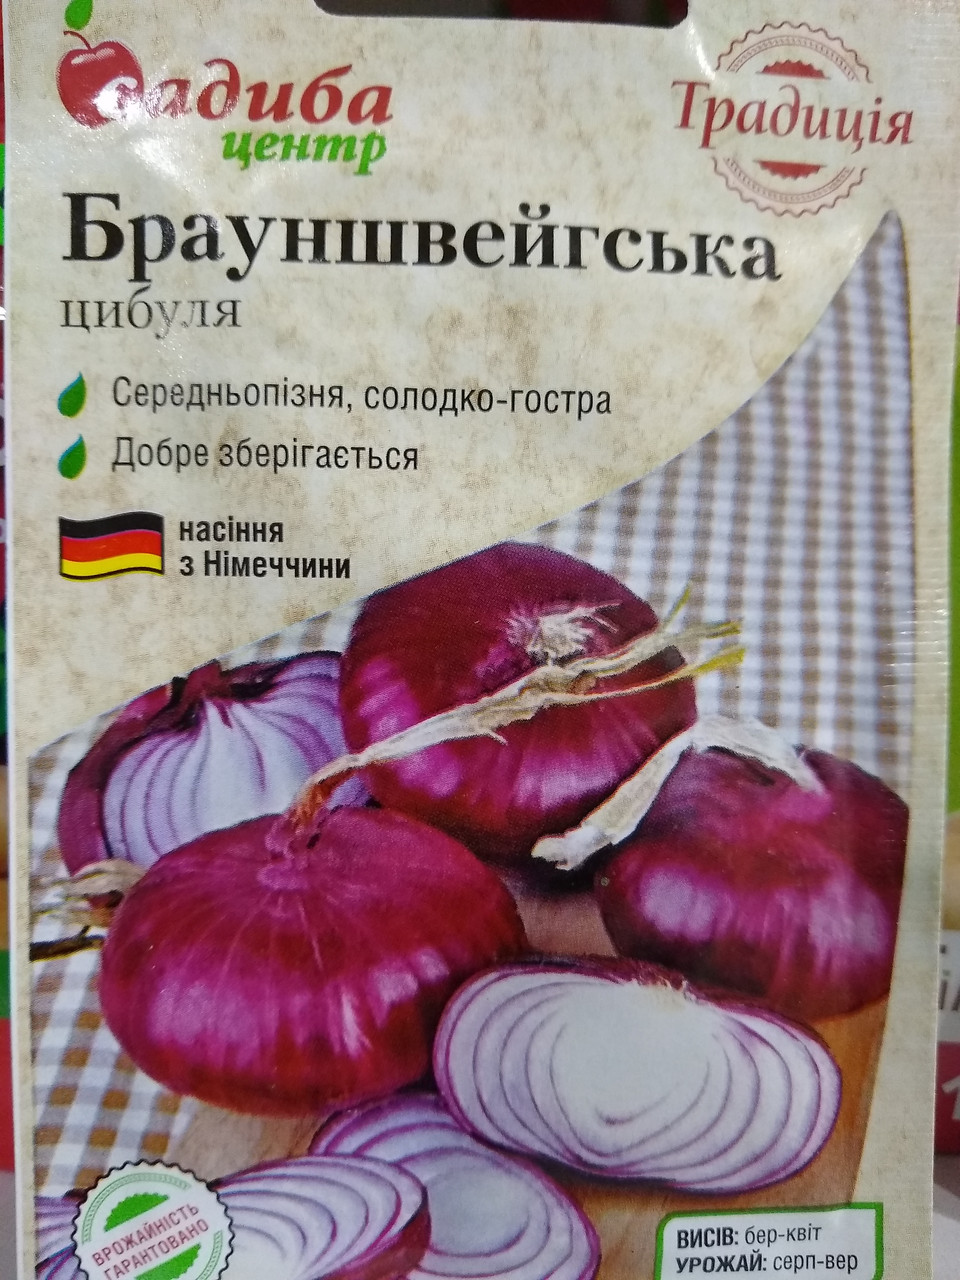 Семена лука  Брауншвейского, среднепоздний темно-фиолетовый, 1 г, Германия